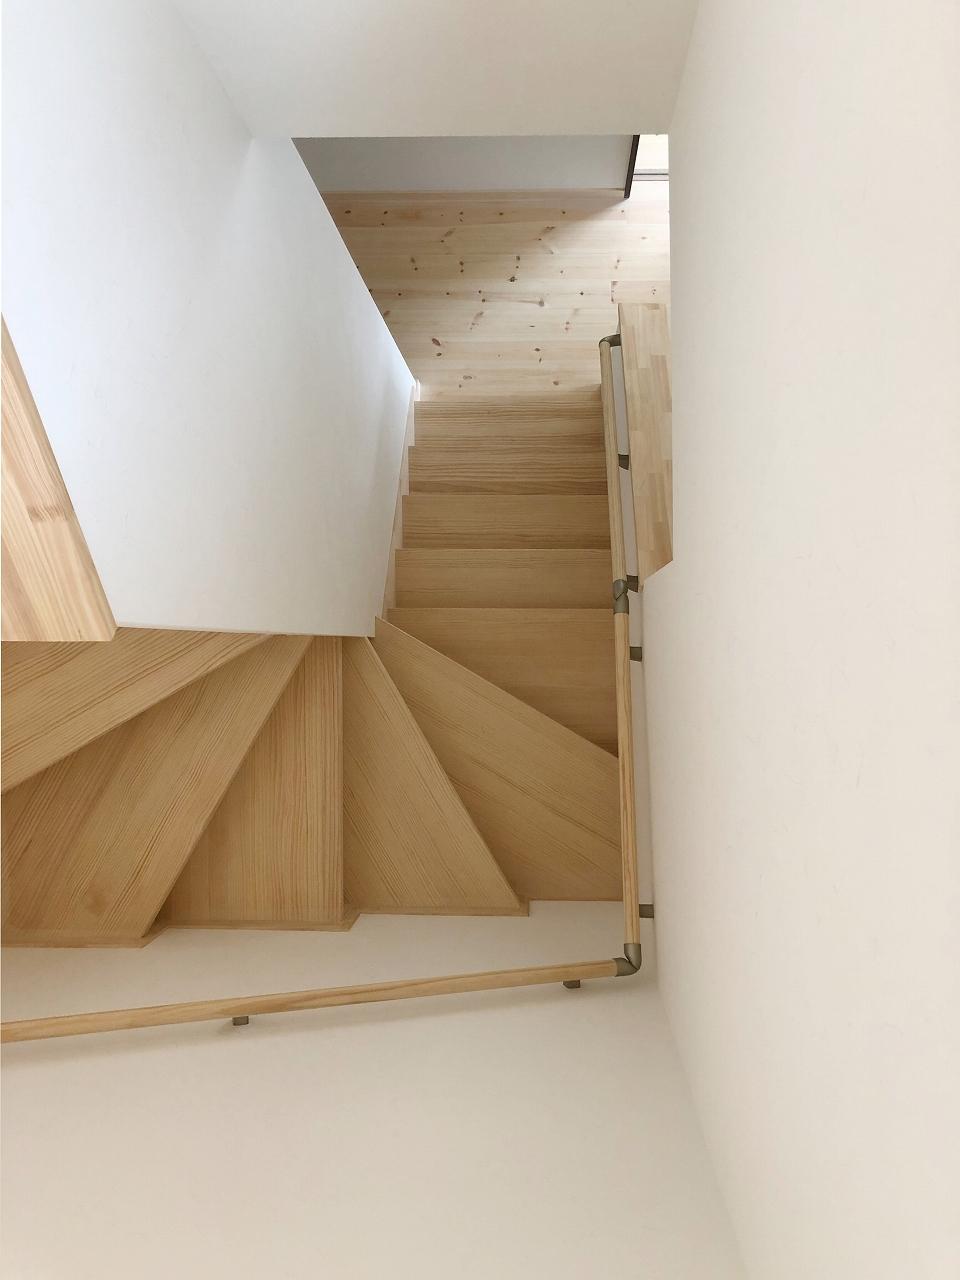 うづくりのさらっと素足にやさしい階段です。